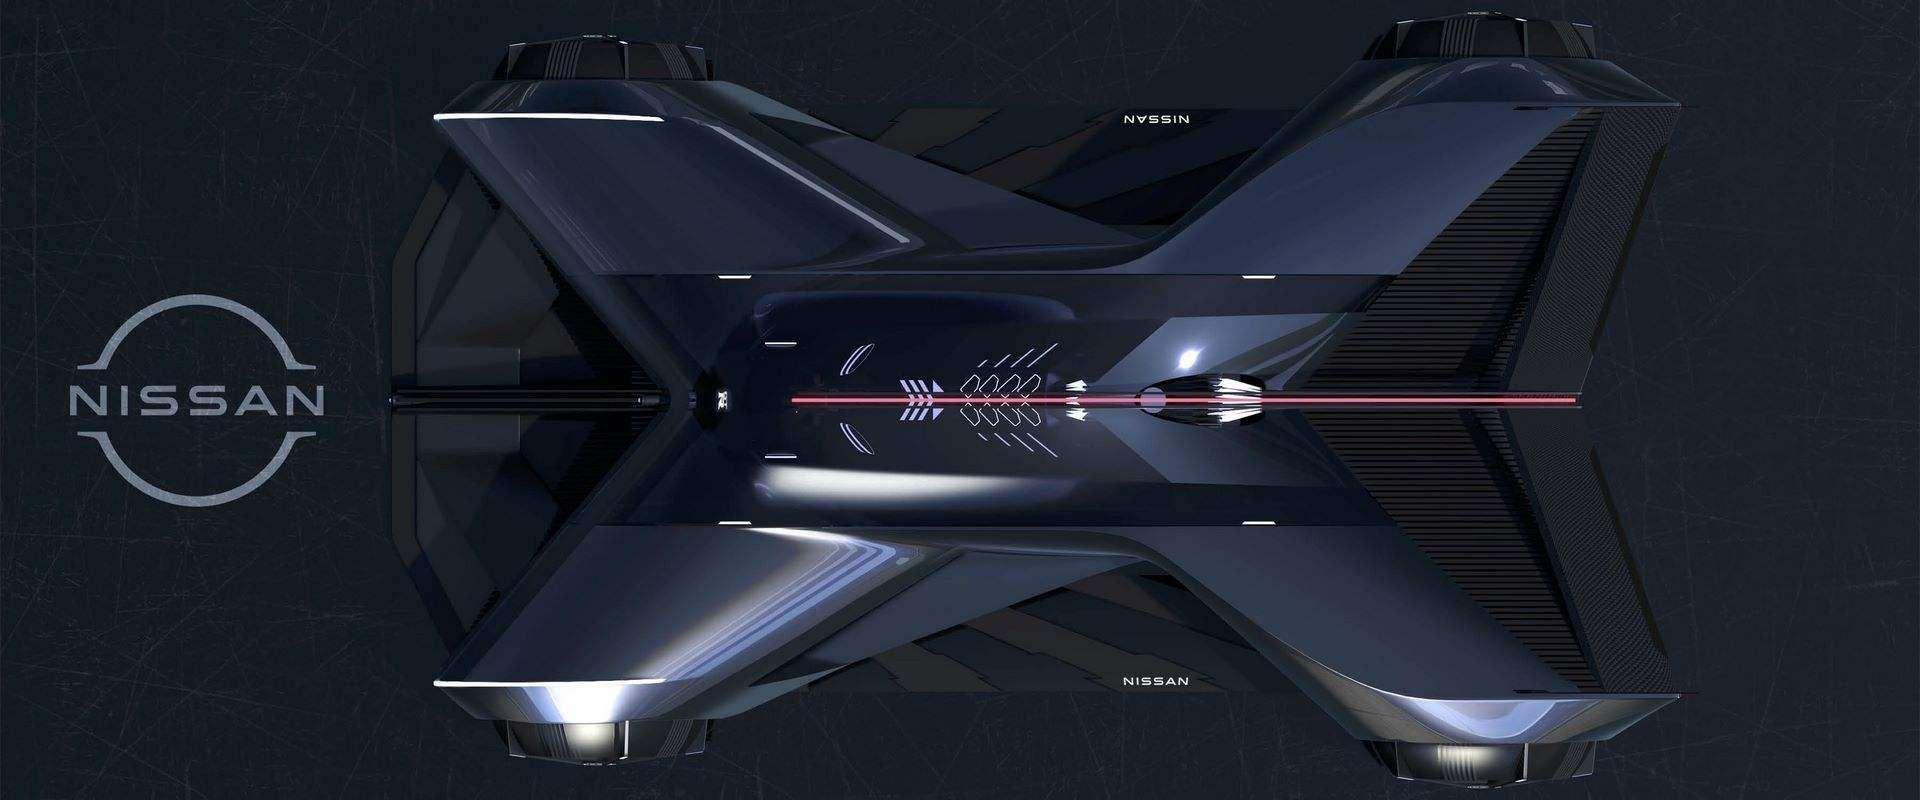 Nissan-GT-R-X-2050-Concept-27